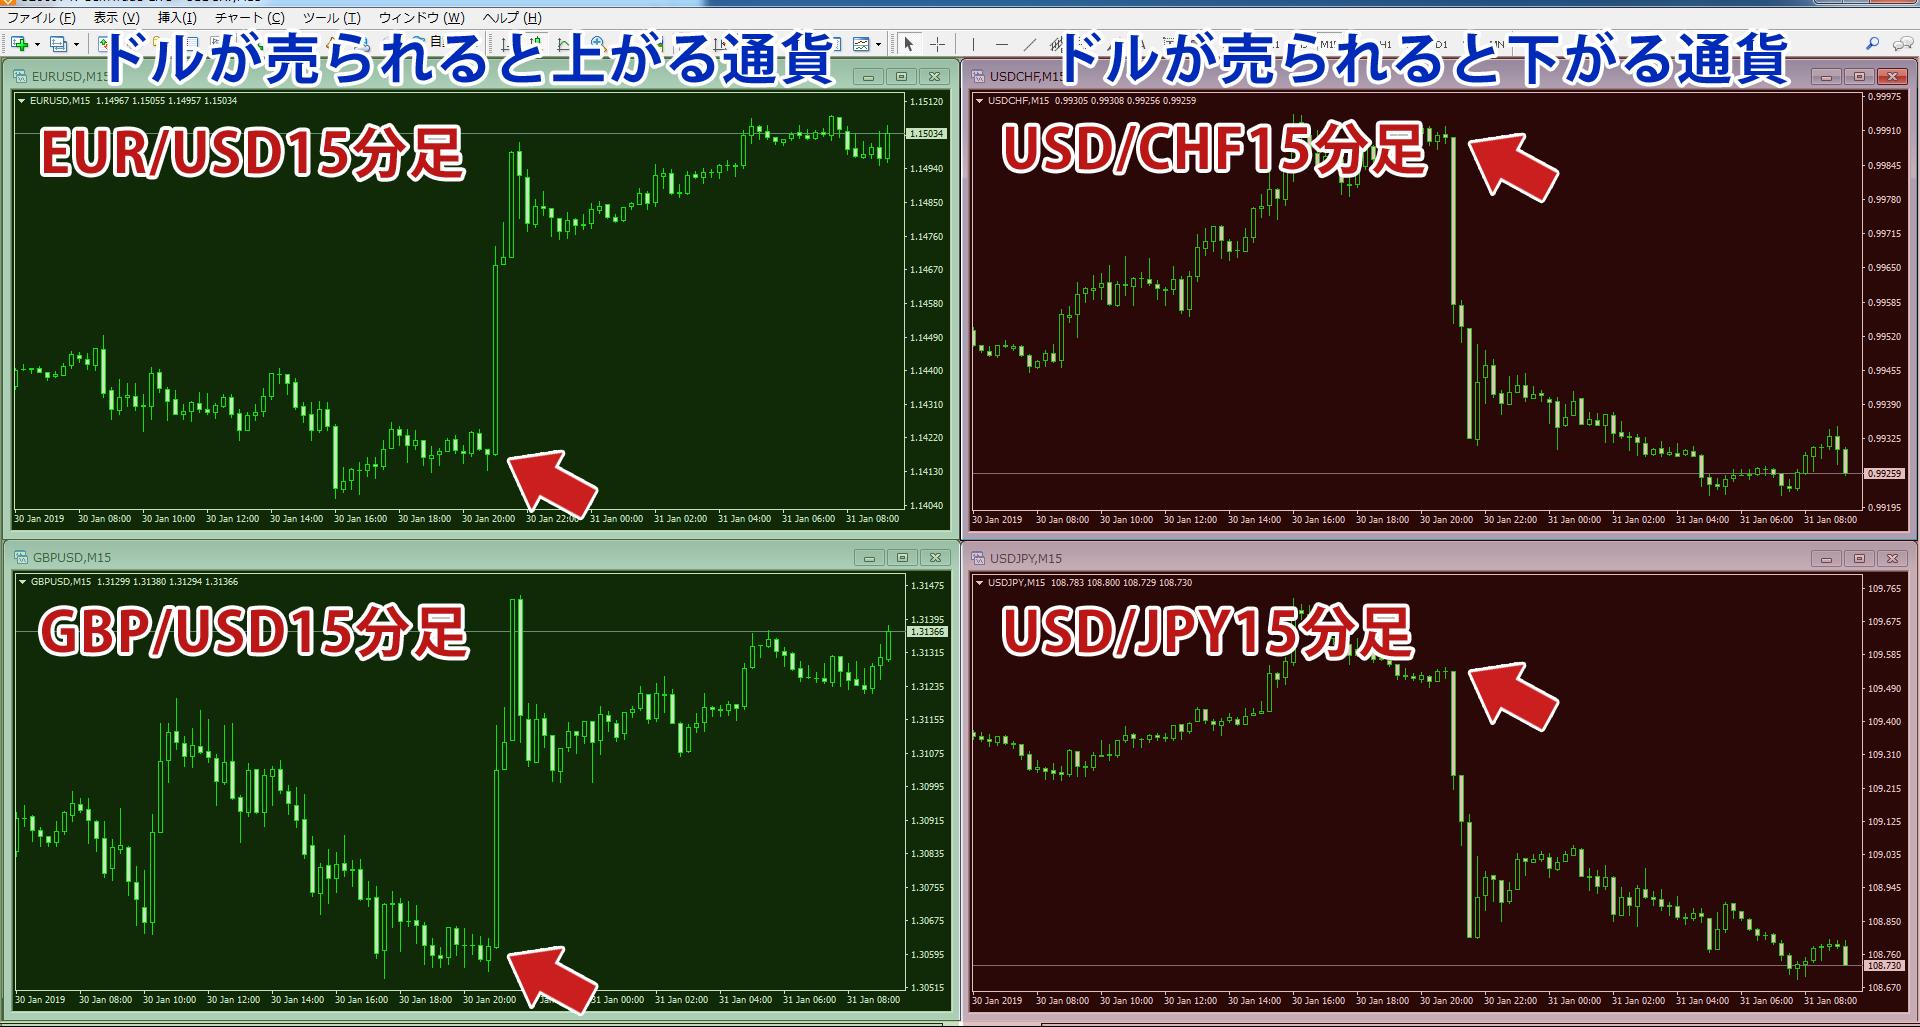 1/31のFOMC後のドル売りの様子が分かるチャート